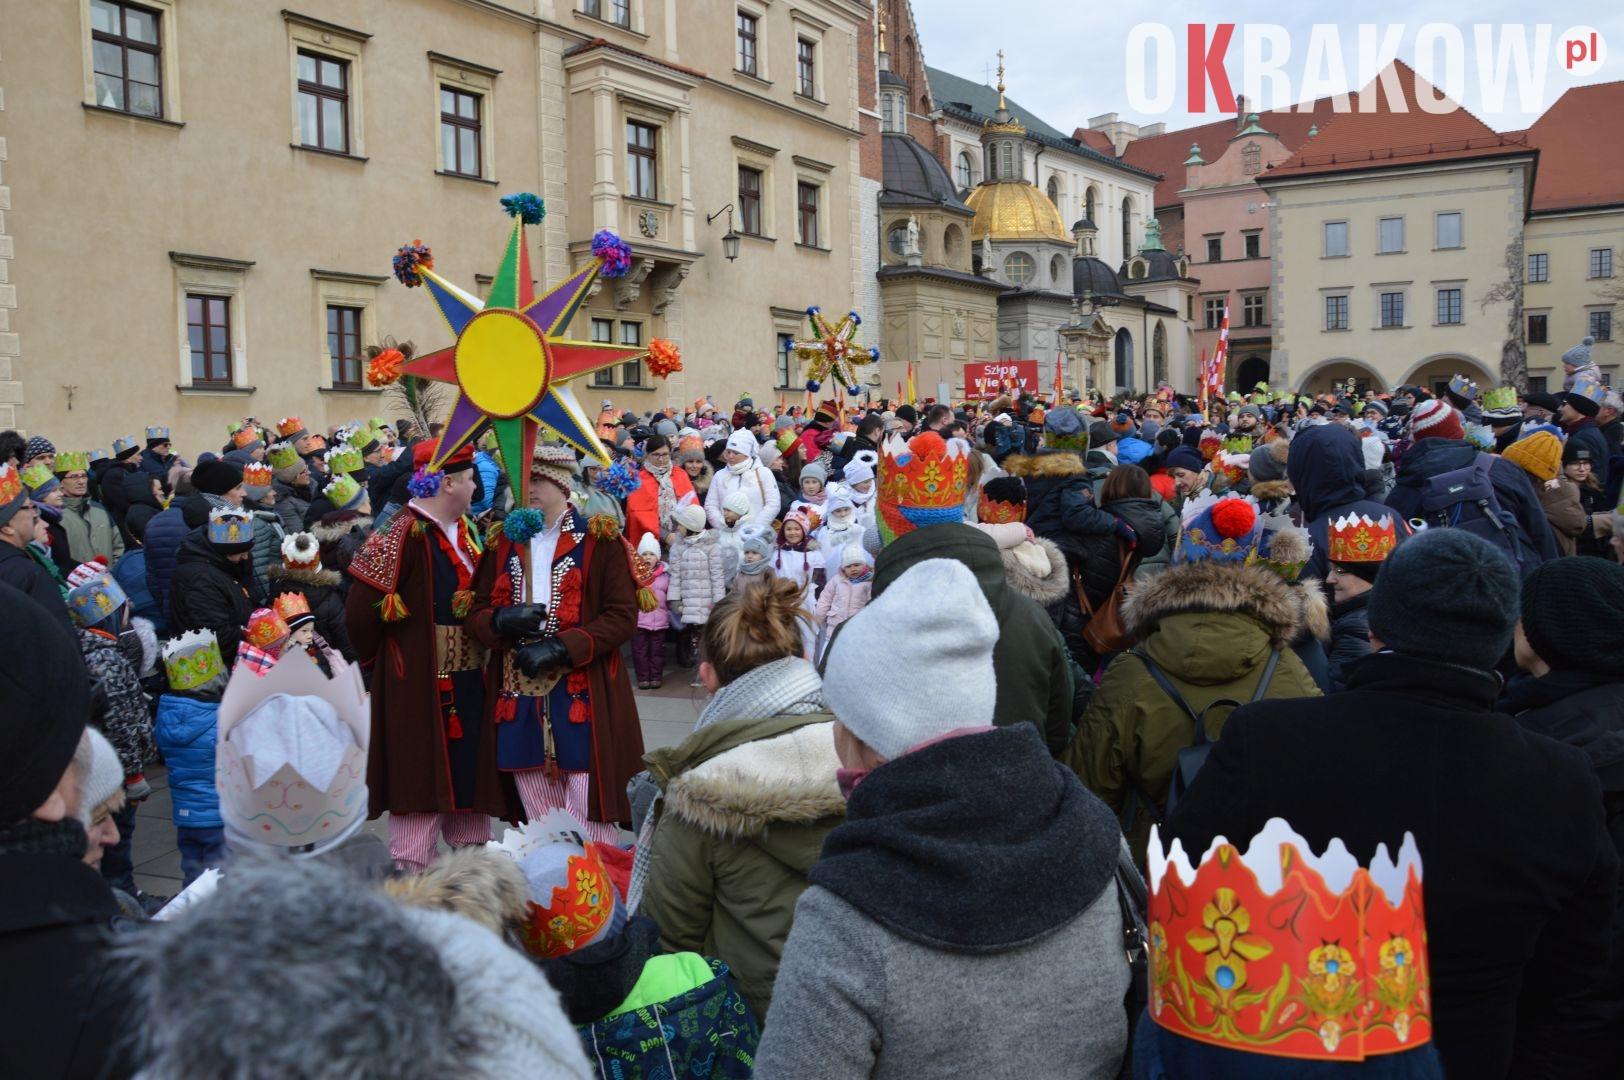 orszak 9 1 150x150 - Orszak Trzech Króli Kraków 2020 Galeria Zdjęć z Orszaku (czerwonego)